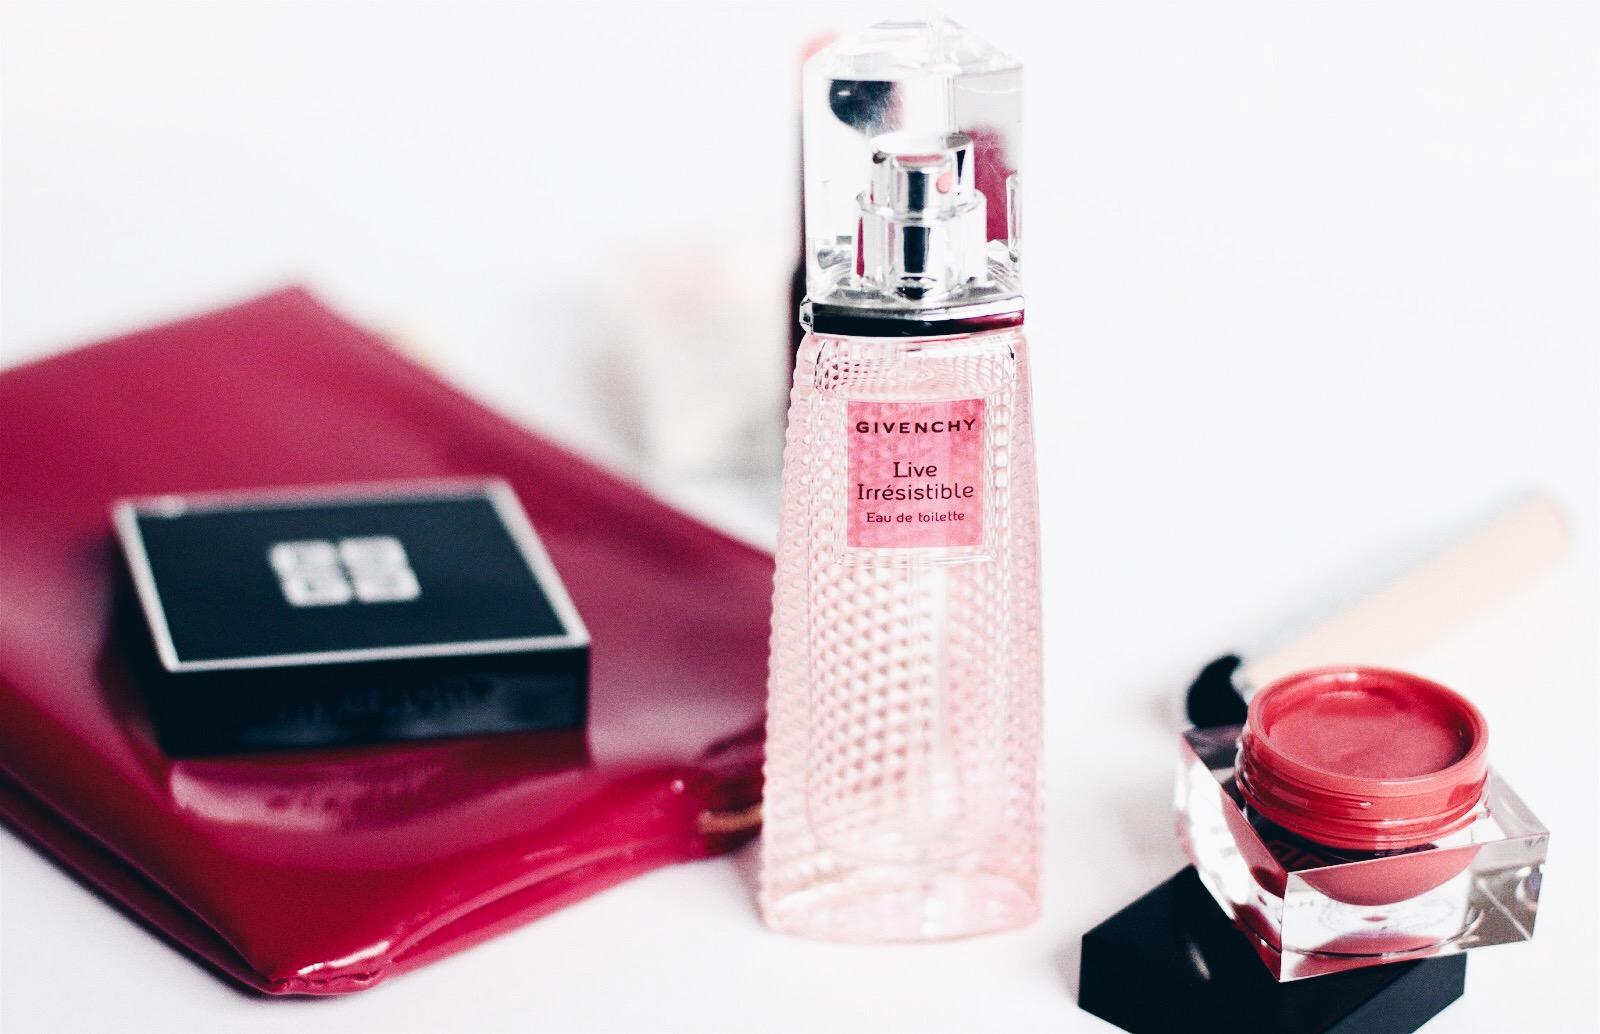 Live Parfum Irrésistible Nouveau Musique Givenchy Le TcFJl1K